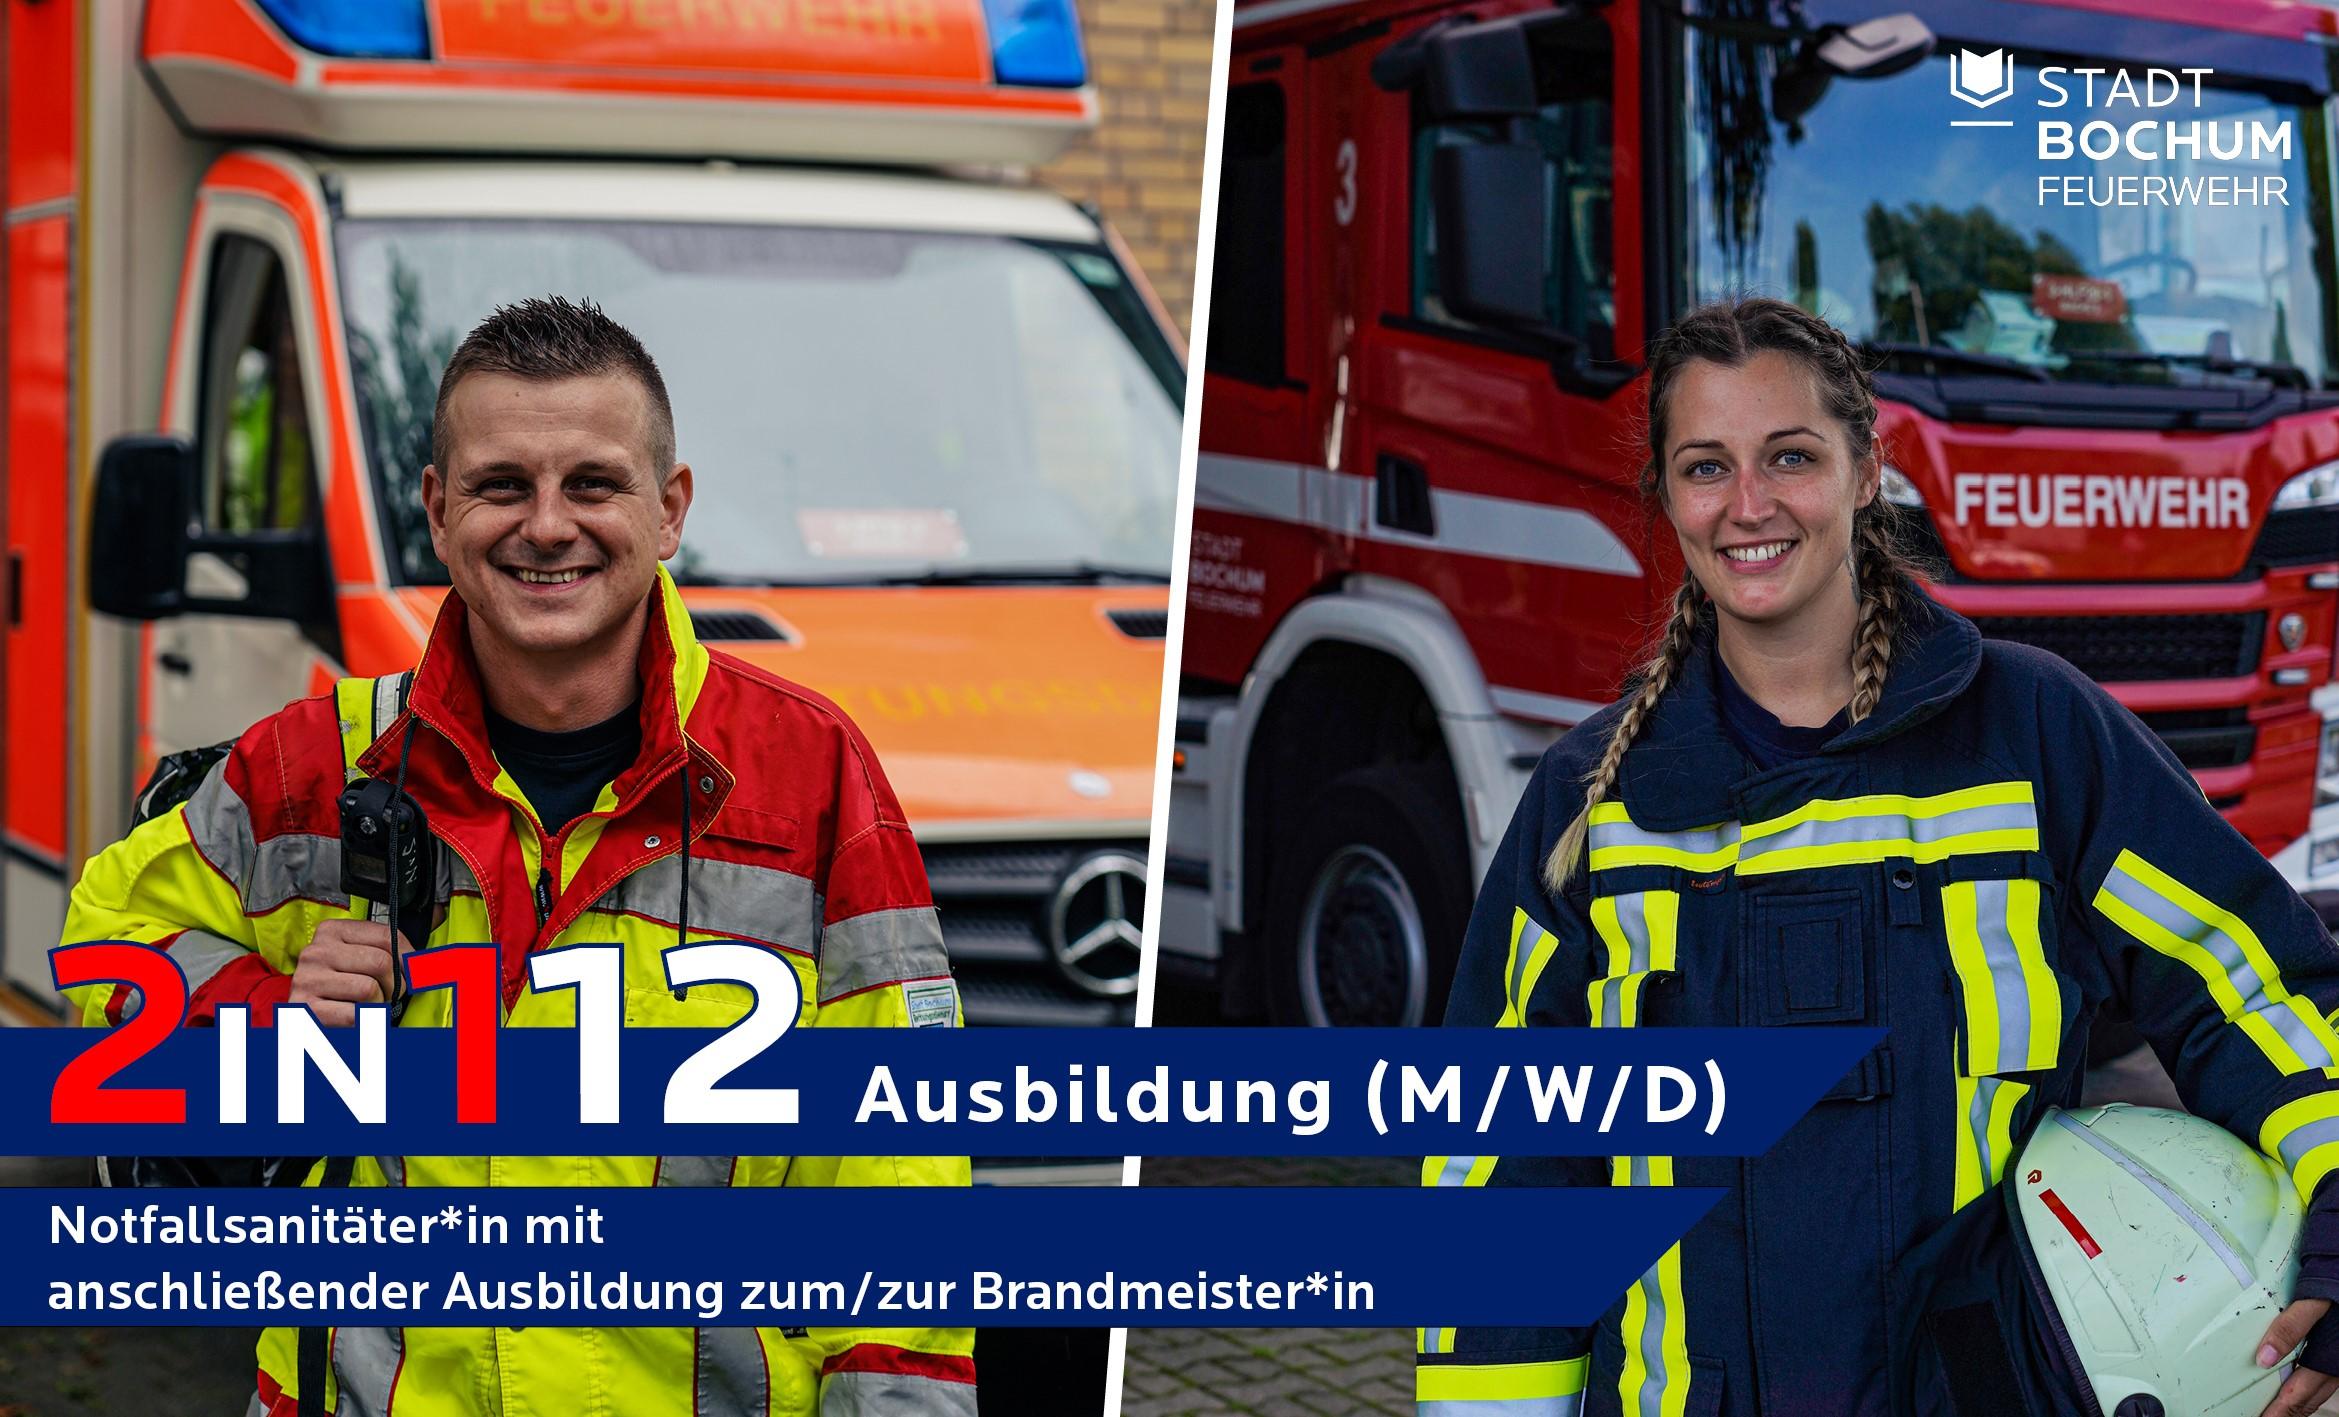 Neues Ausbildungskonzept bei der Feuerwehr Bochum